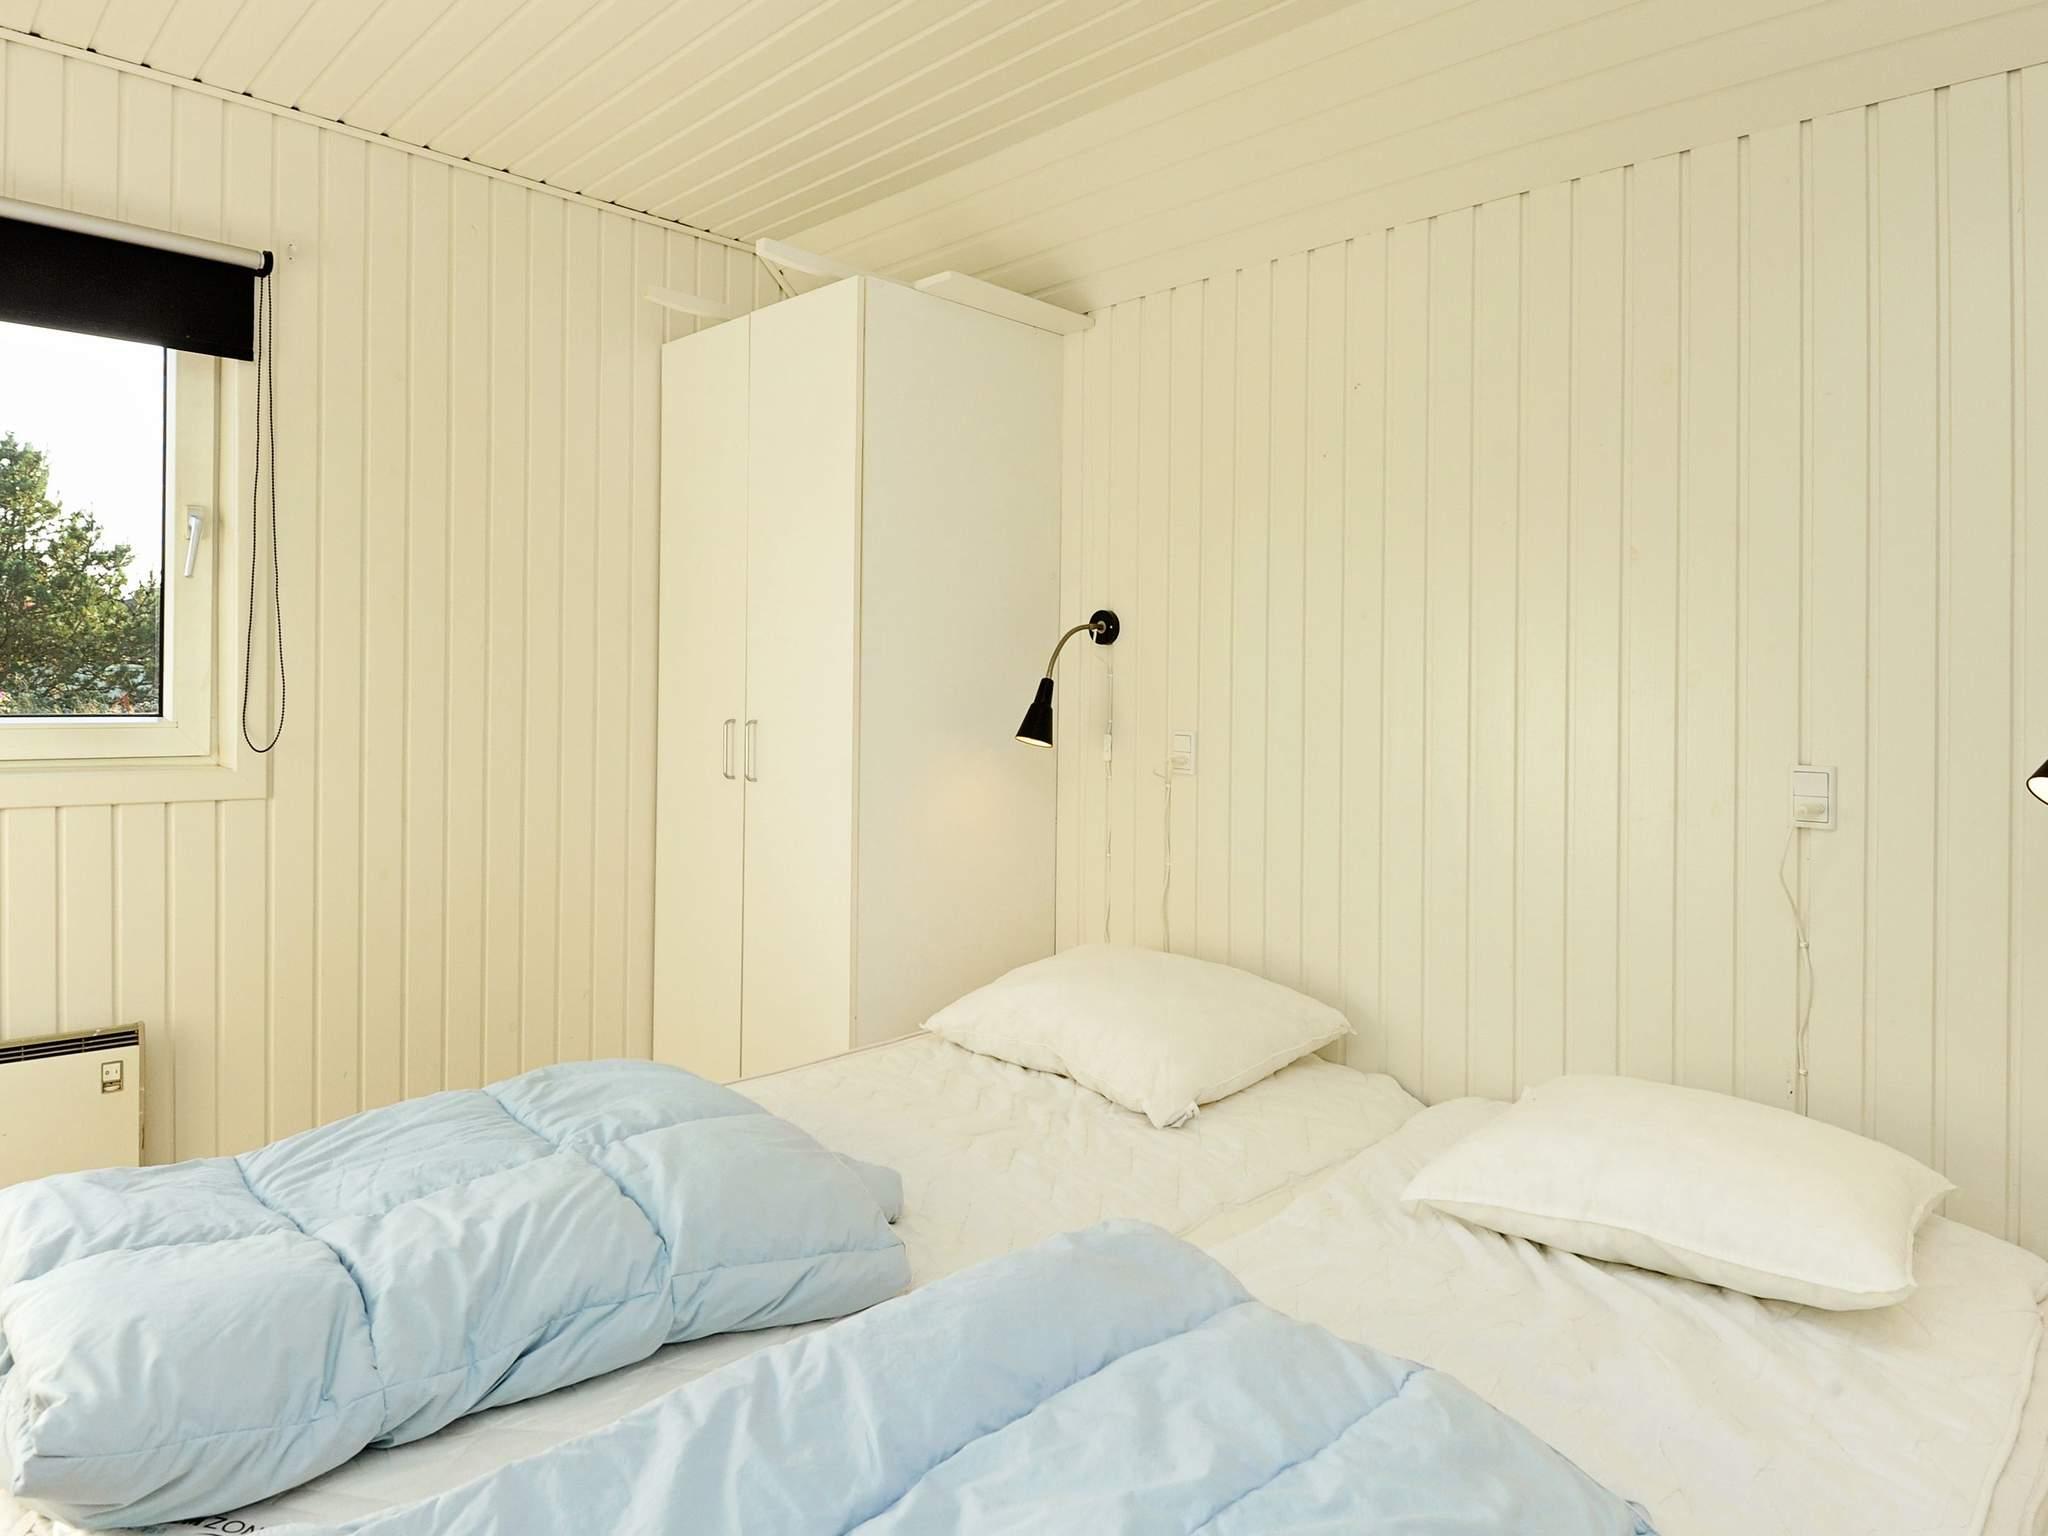 Ferienhaus Vejers Strand (125796), Vejers Strand, , Westjütland, Dänemark, Bild 10